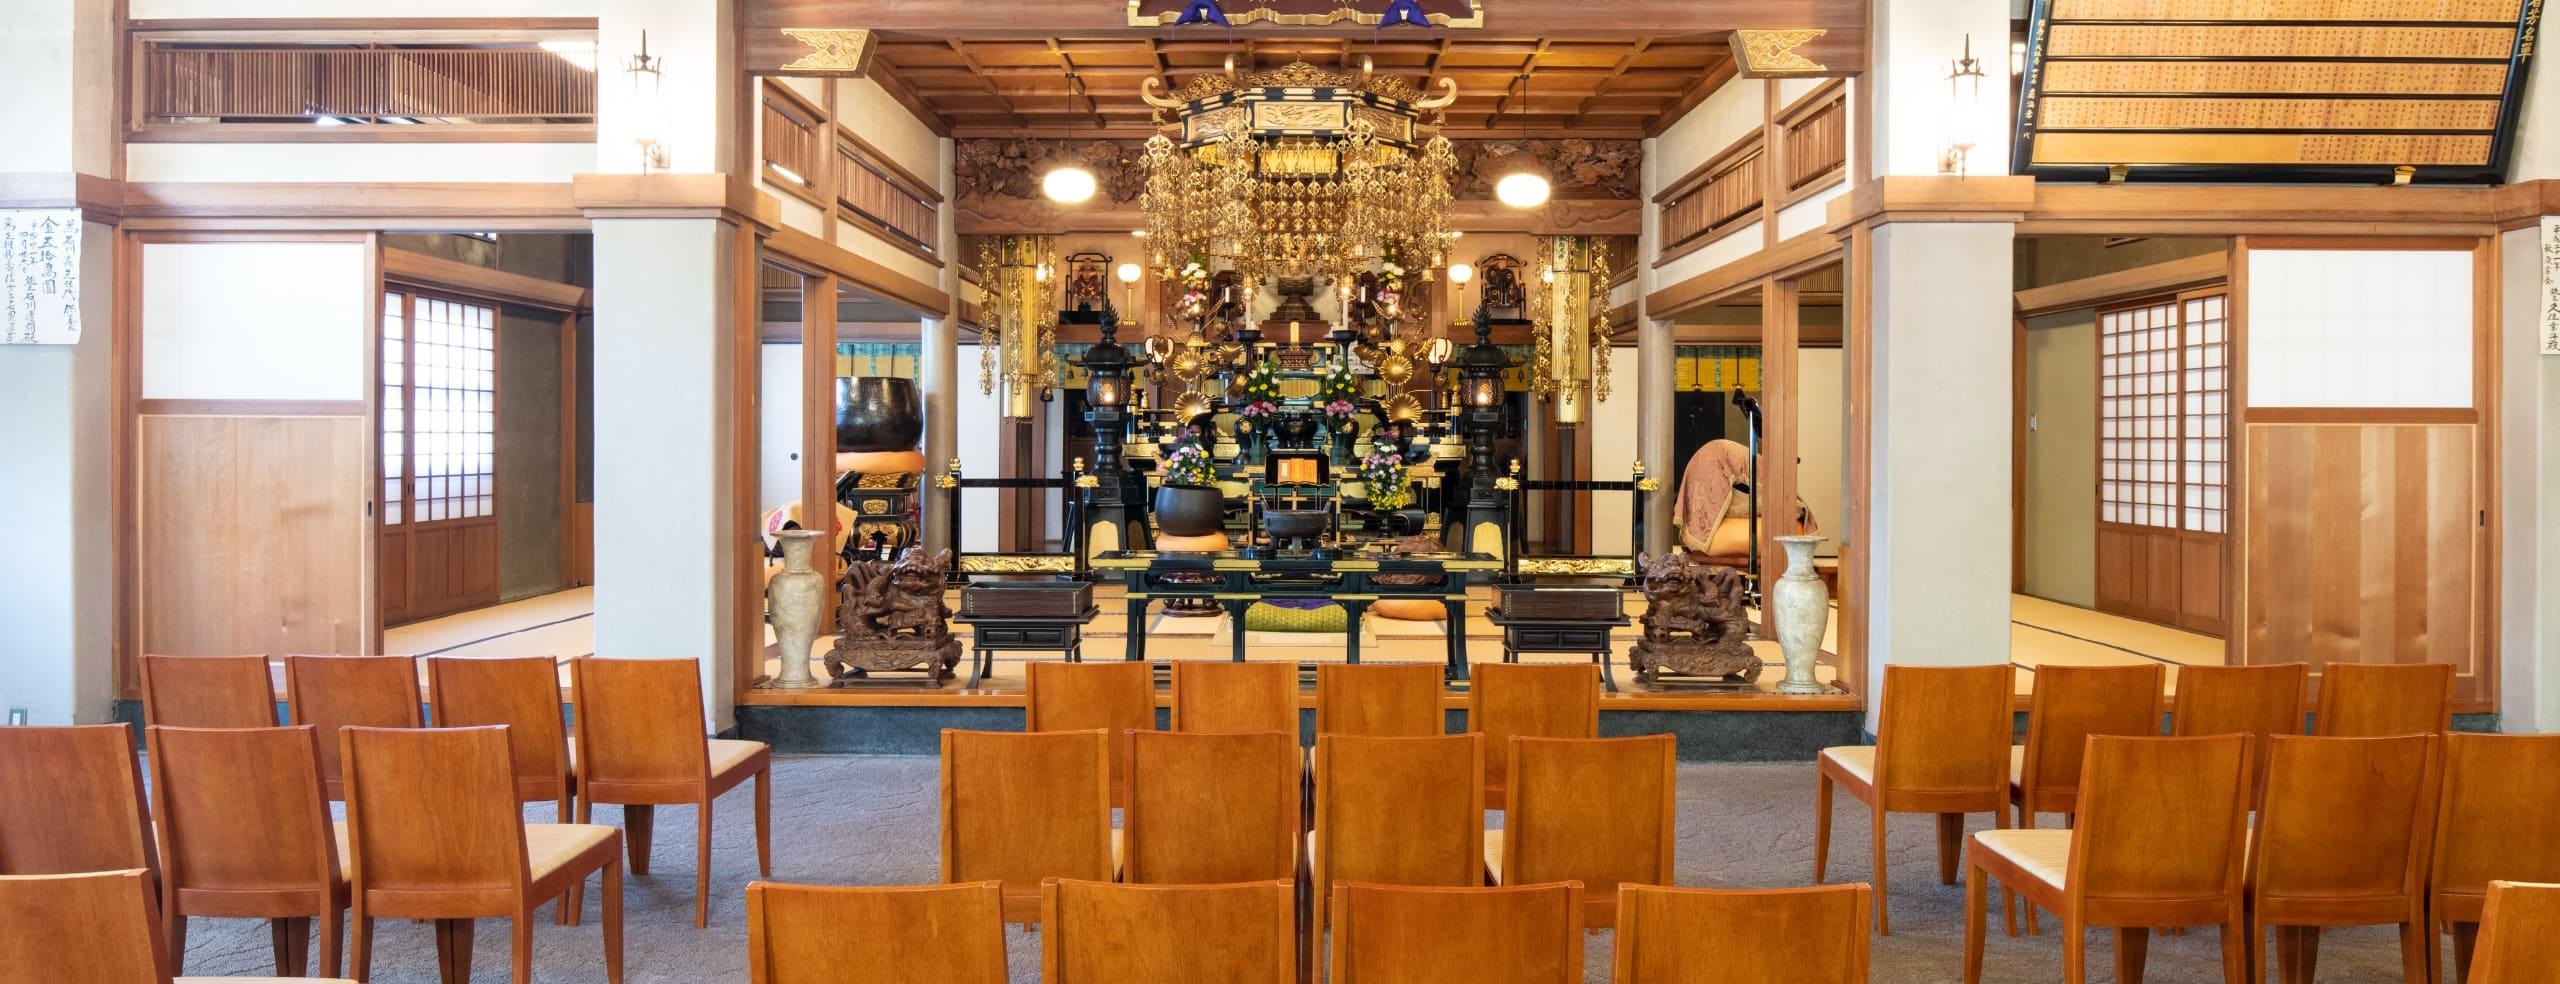 曹洞宗寺院の大林寺